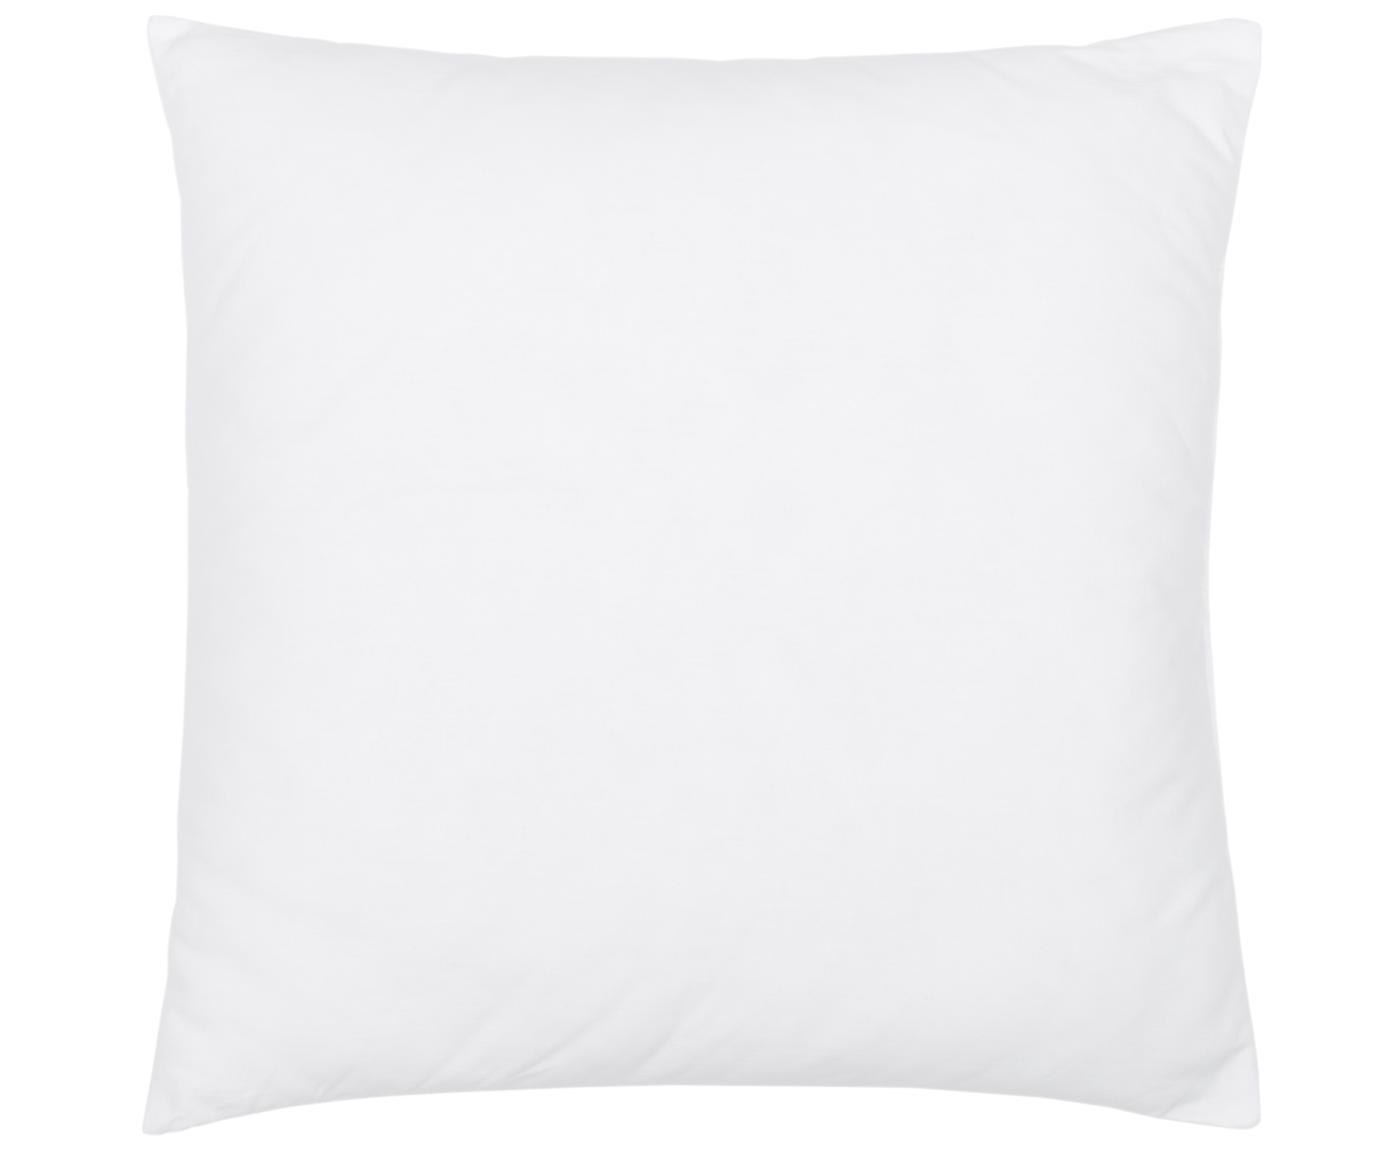 Wypełnienie poduszki z mikrofibry Sia, 50 x 50, Biały, S 50 x D 50 cm